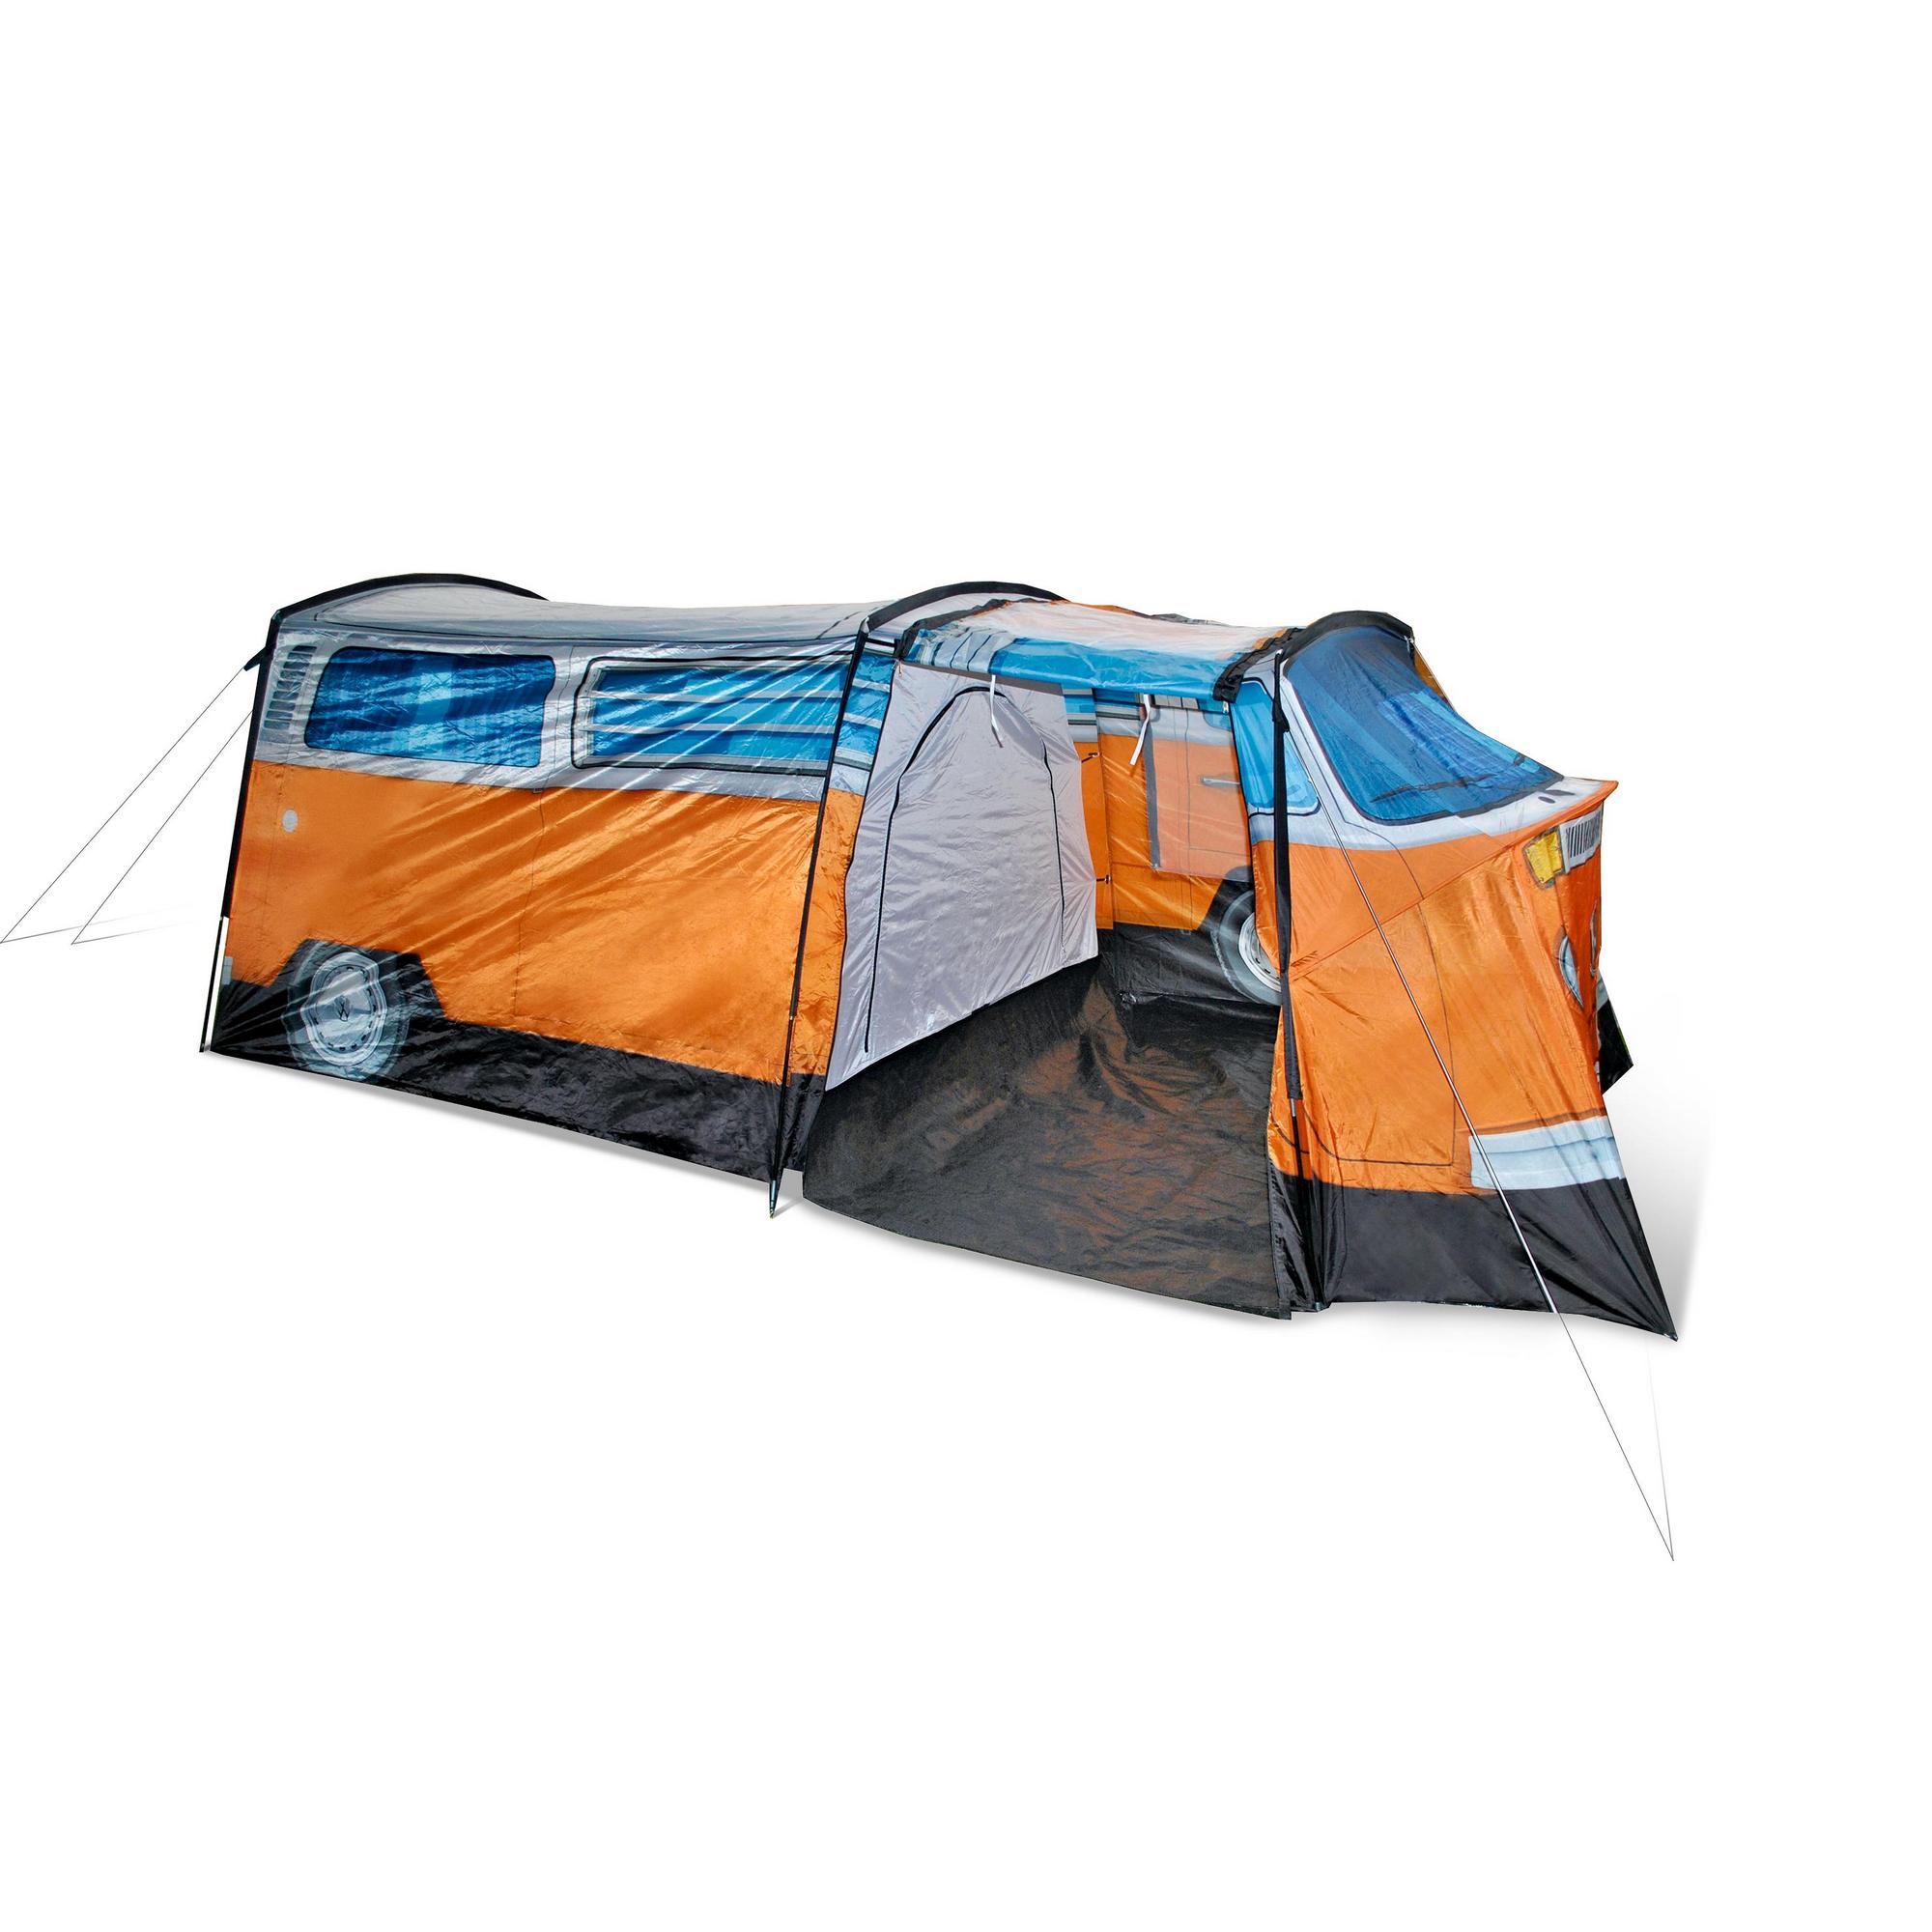 Zelte online bestellen | toom Baumarkt